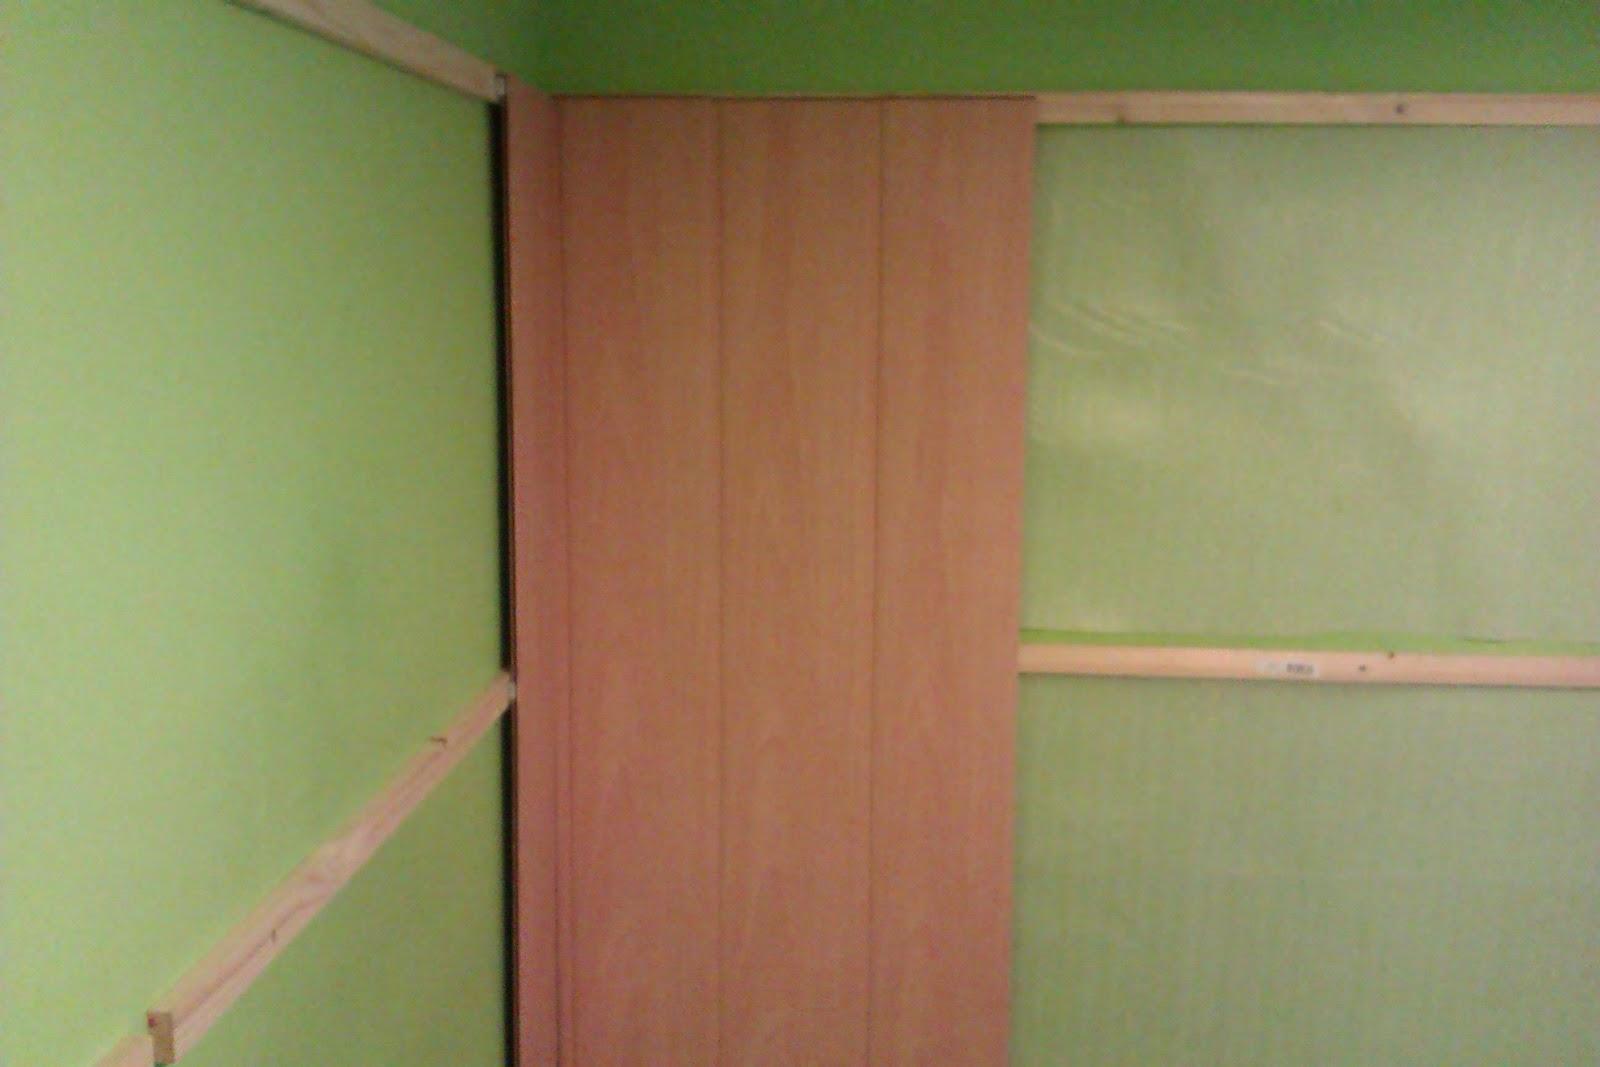 Pinturas y decoraciones ruben obra 5 pintura interior y - Pinturas para madera interior ...